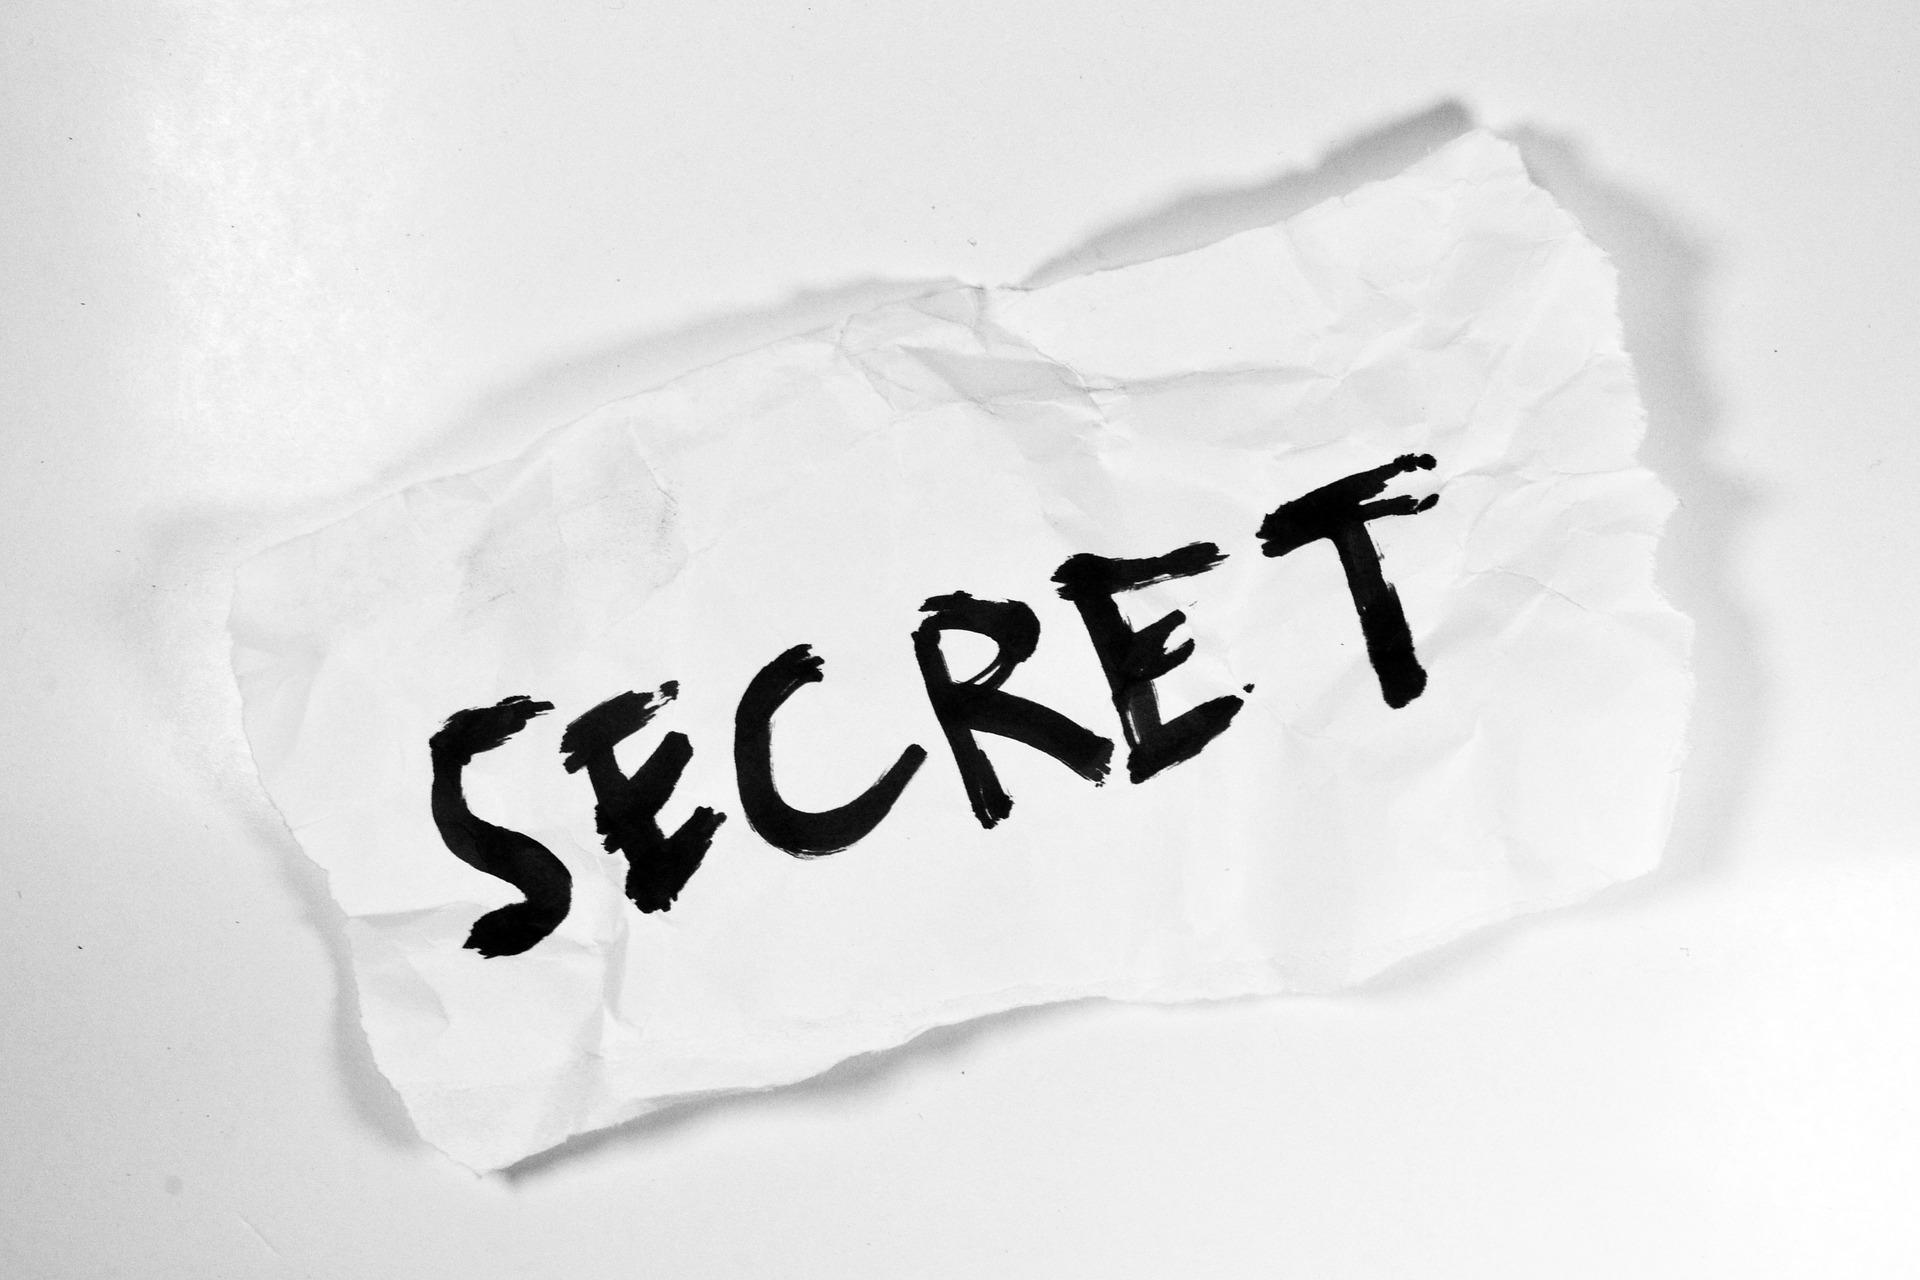 secret-1142327_1920